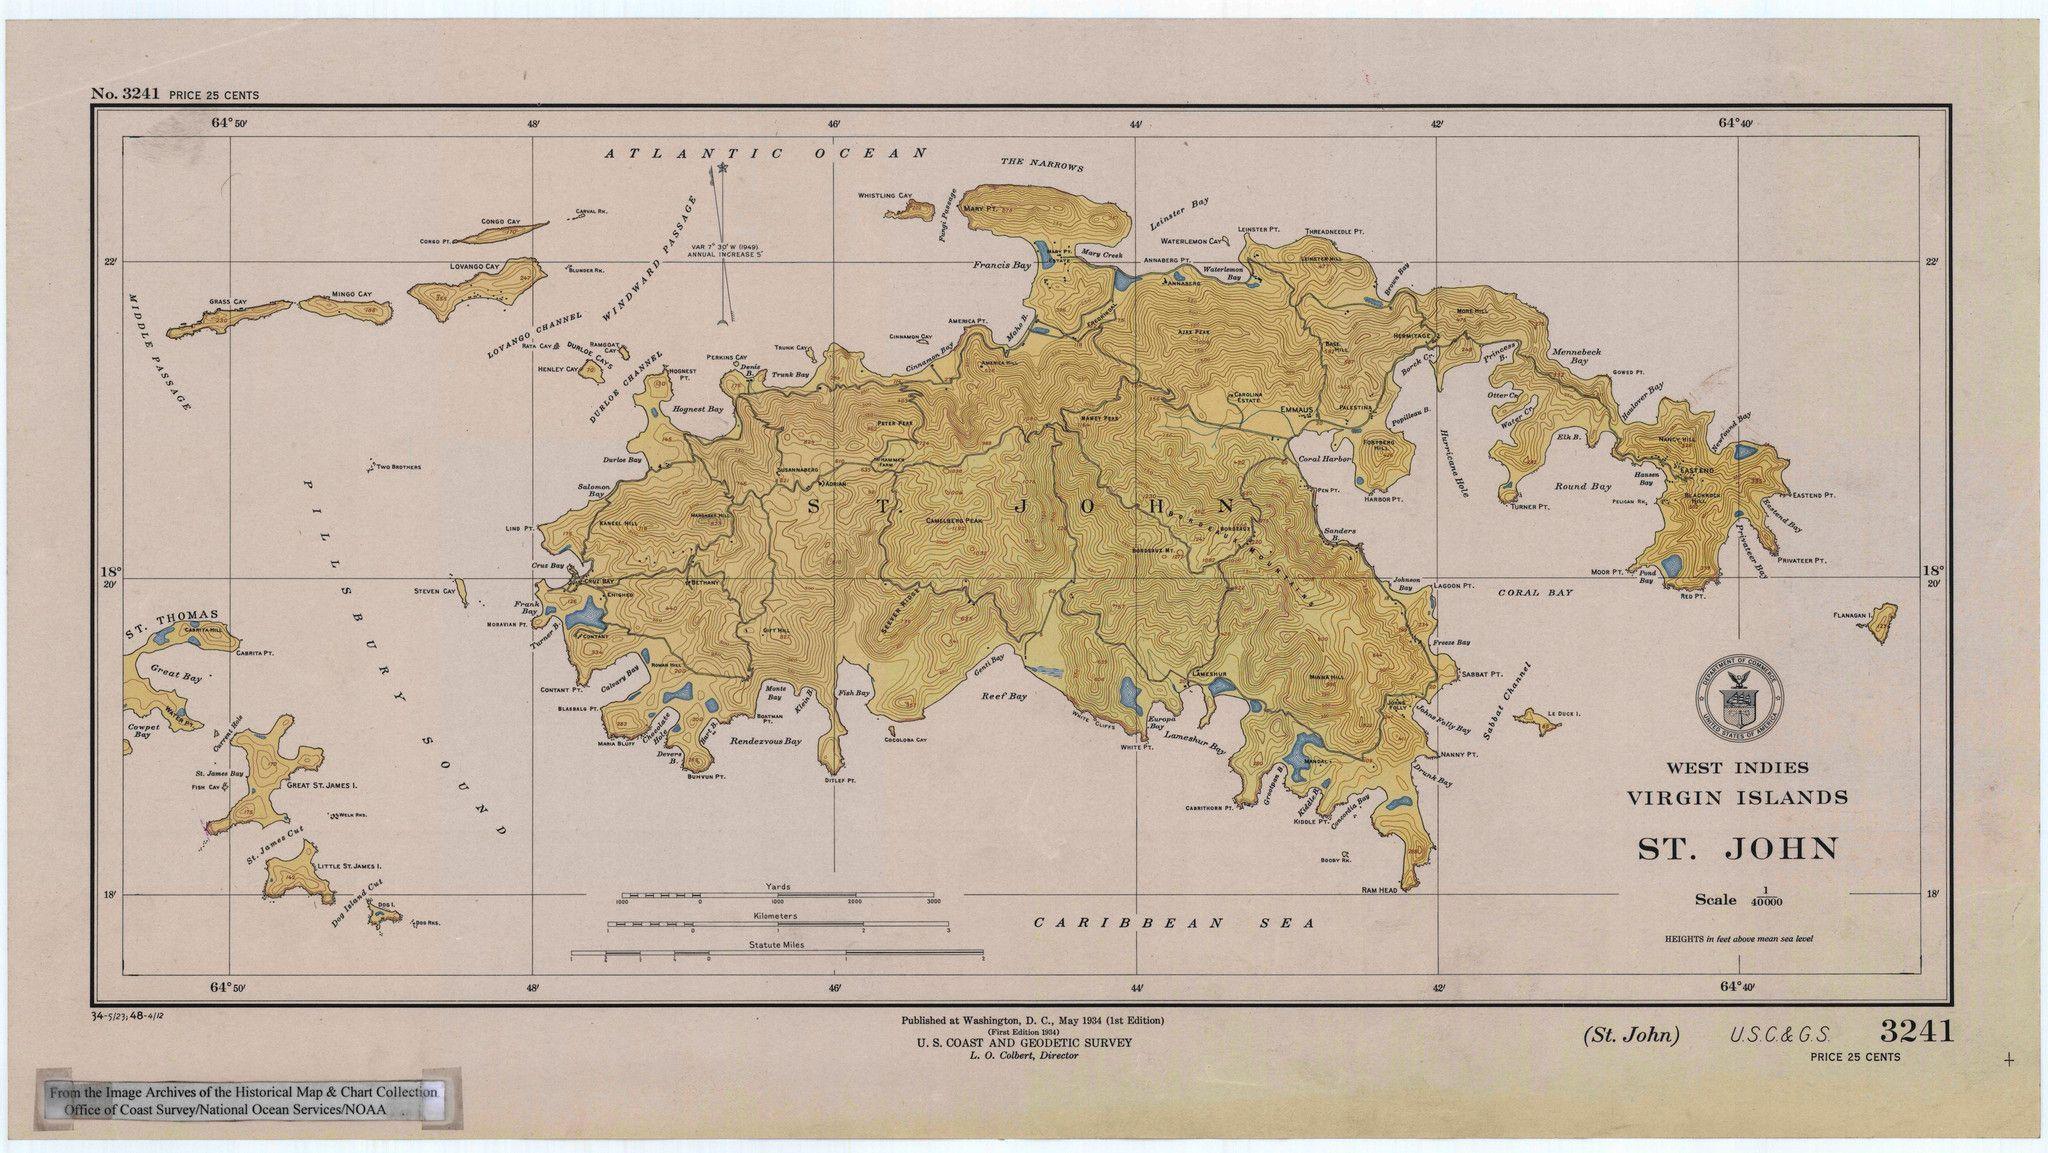 St John Map USVI Historical Chart Virgin Islands - Map of st john us virgin islands